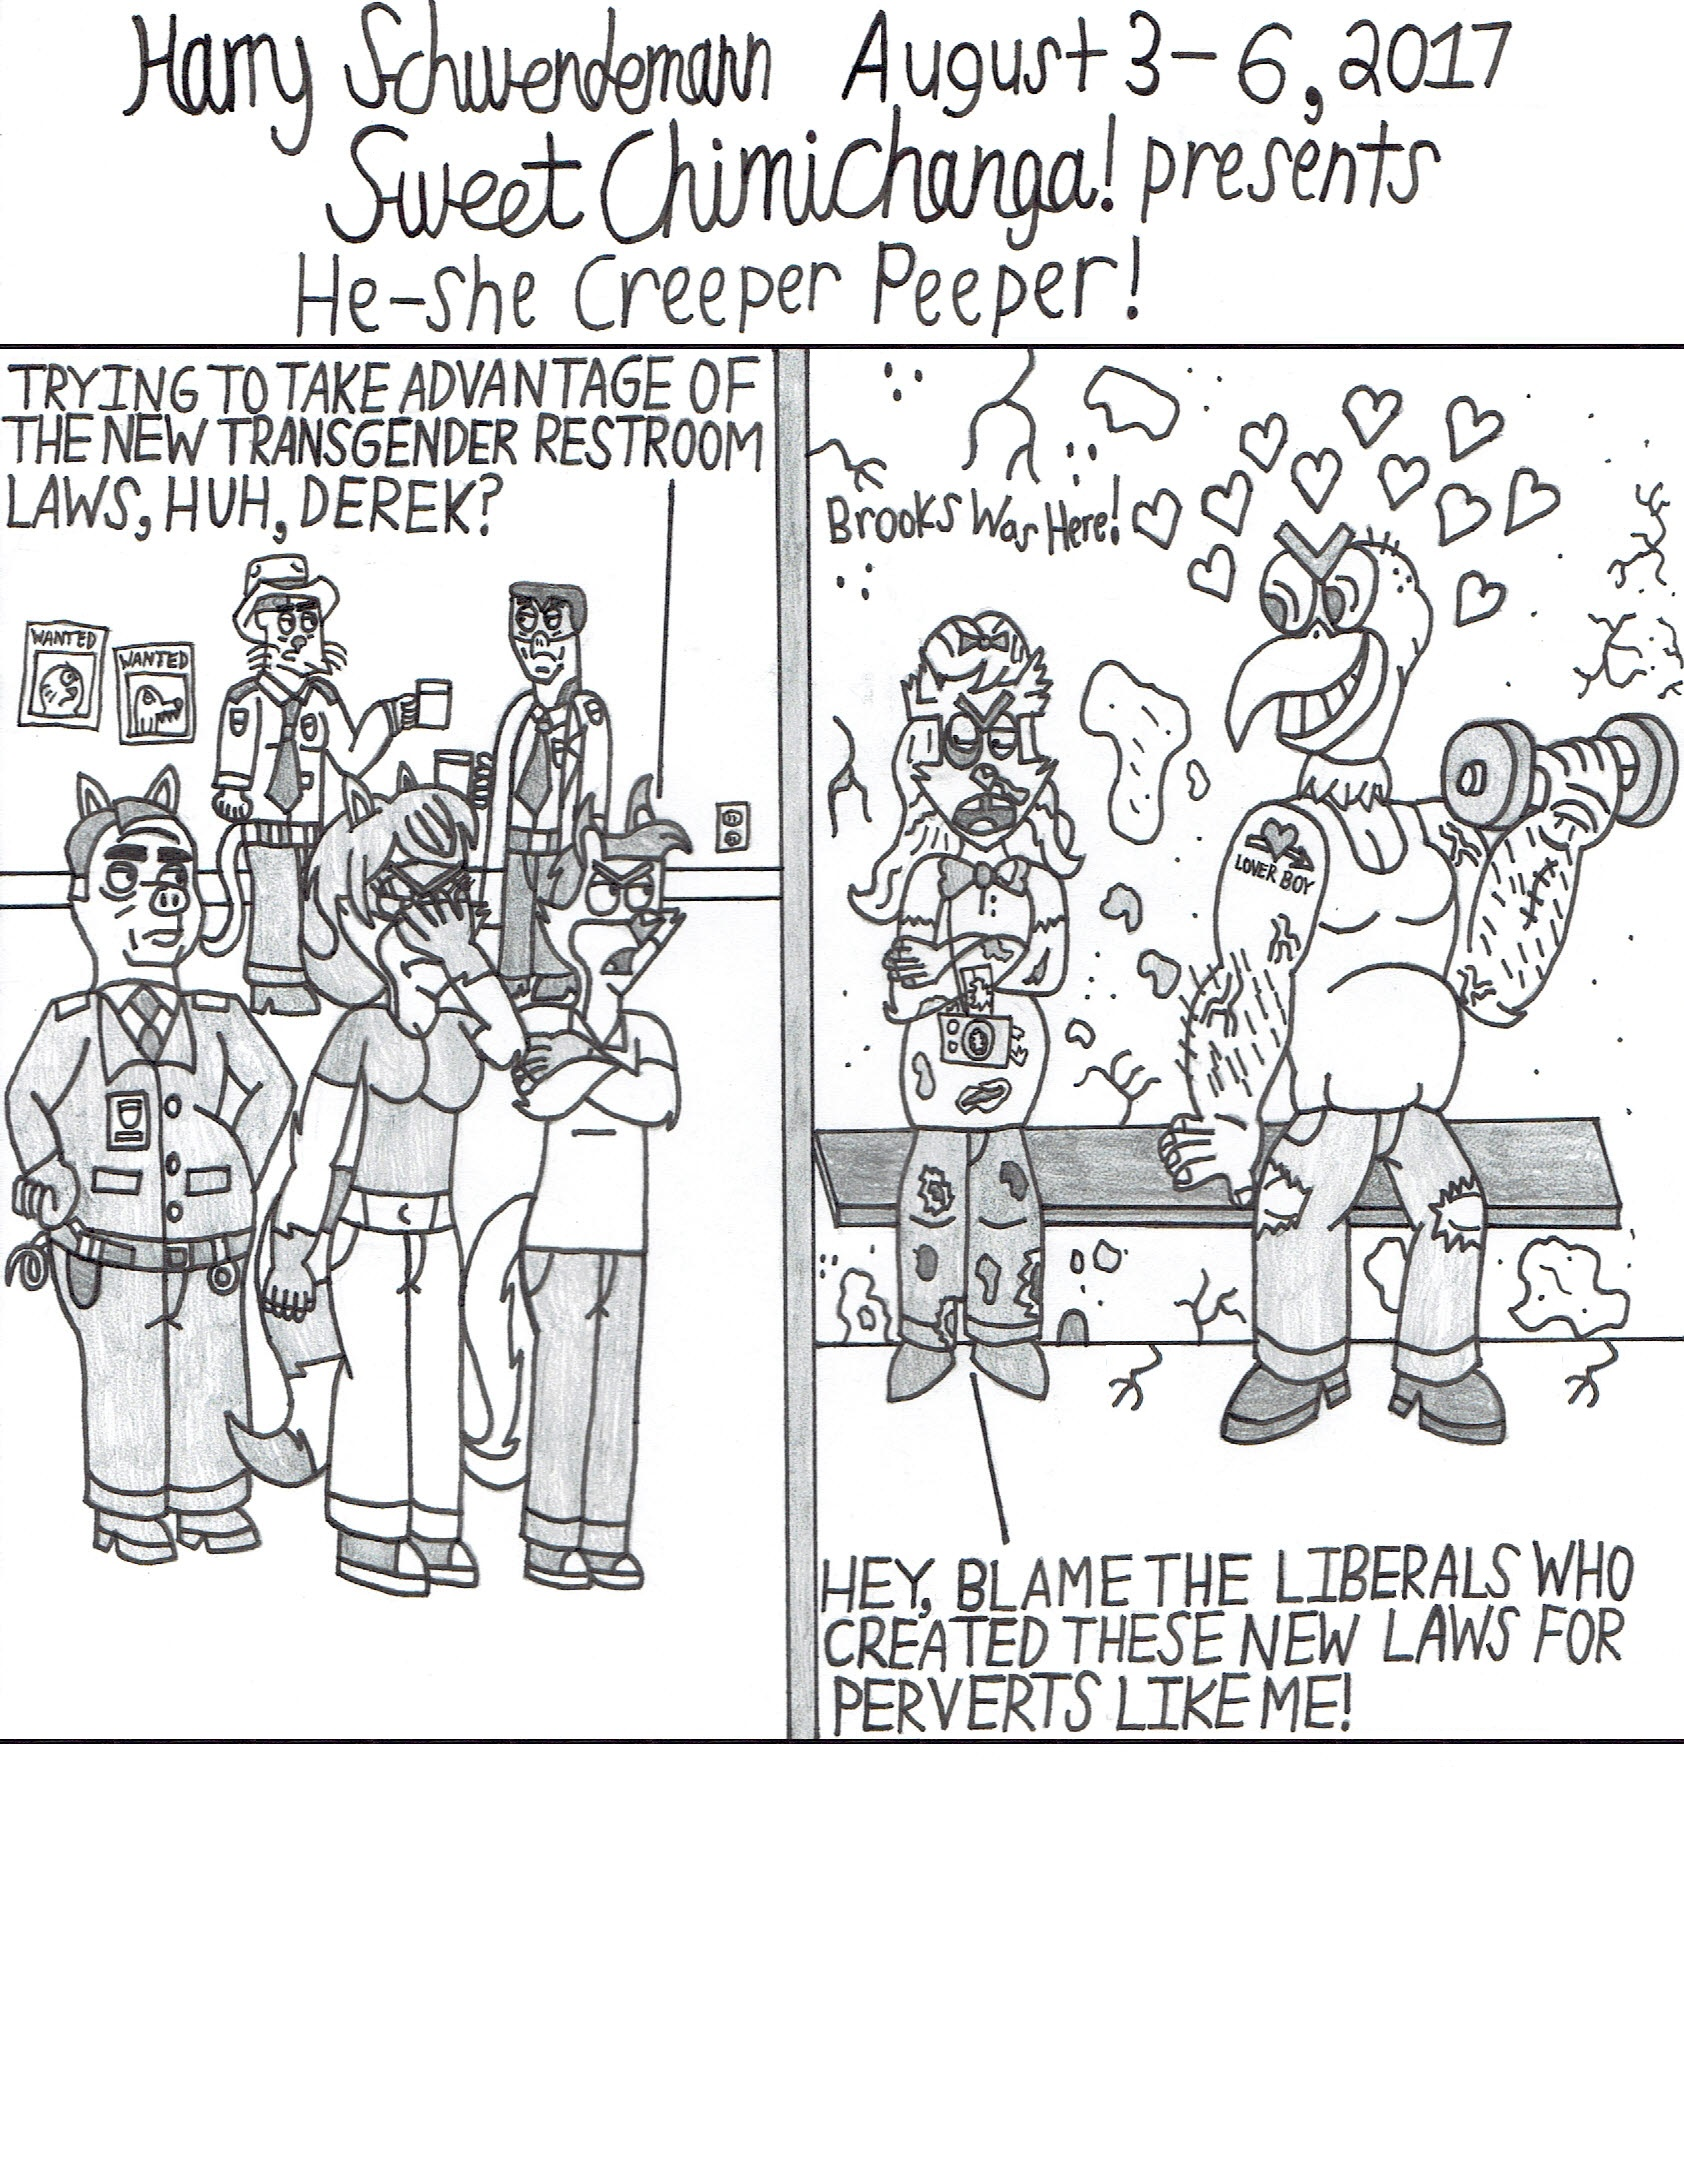 He-she Creeper Peeper!